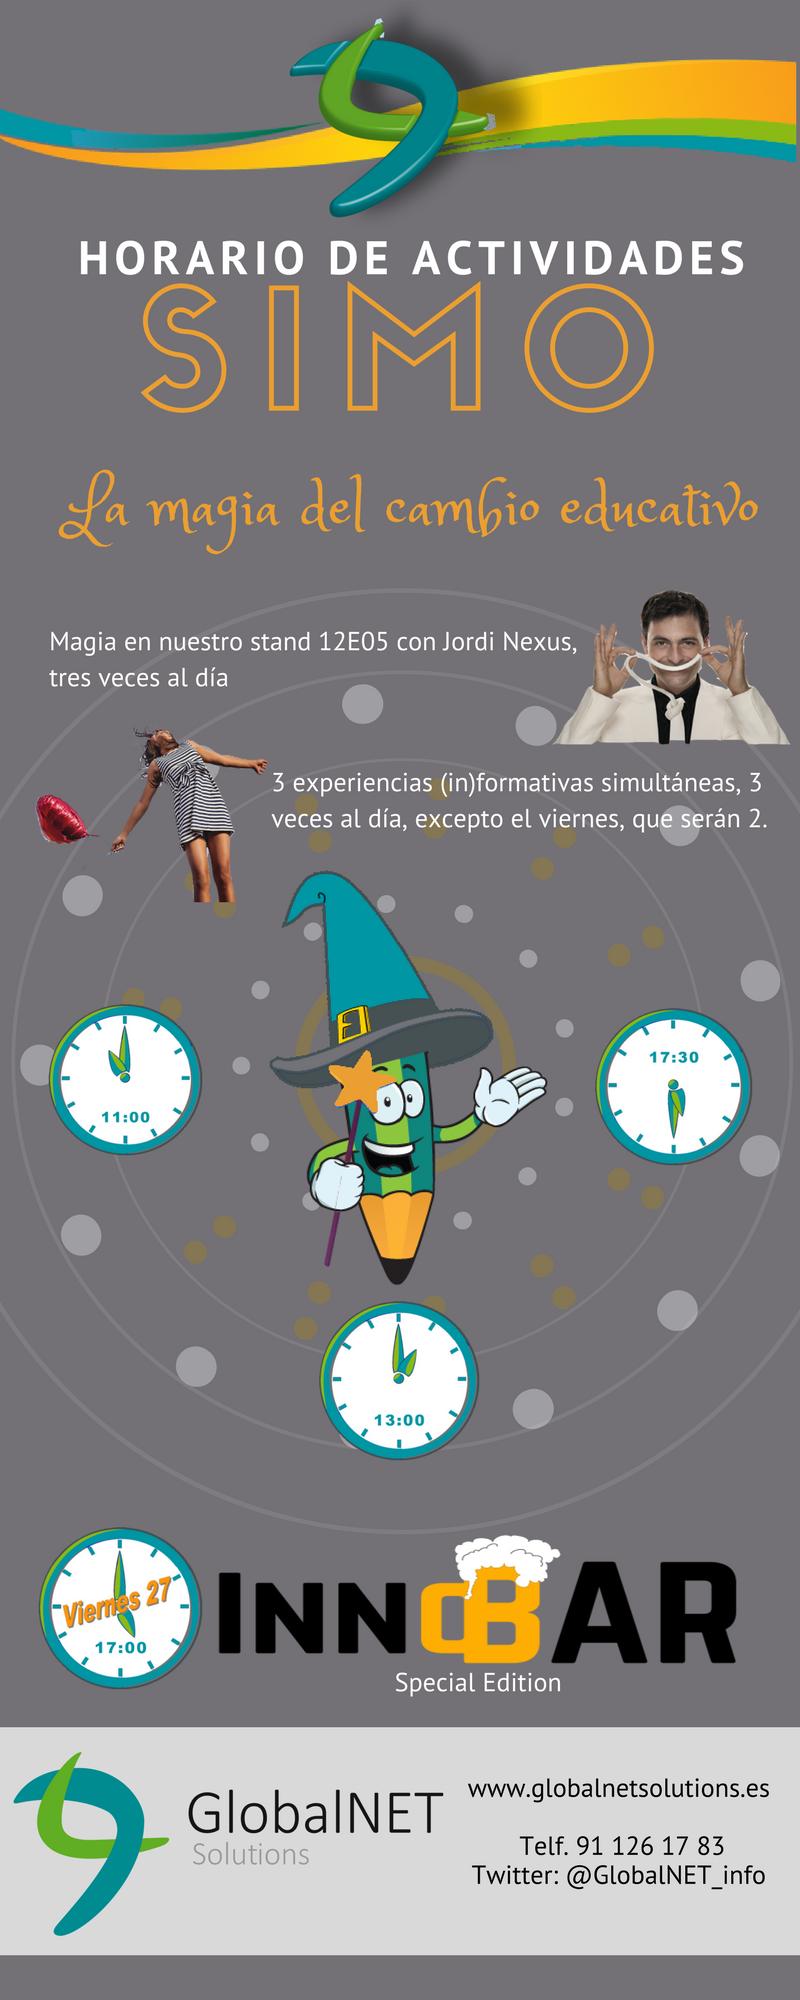 Horario de actividades en SIMO 2017